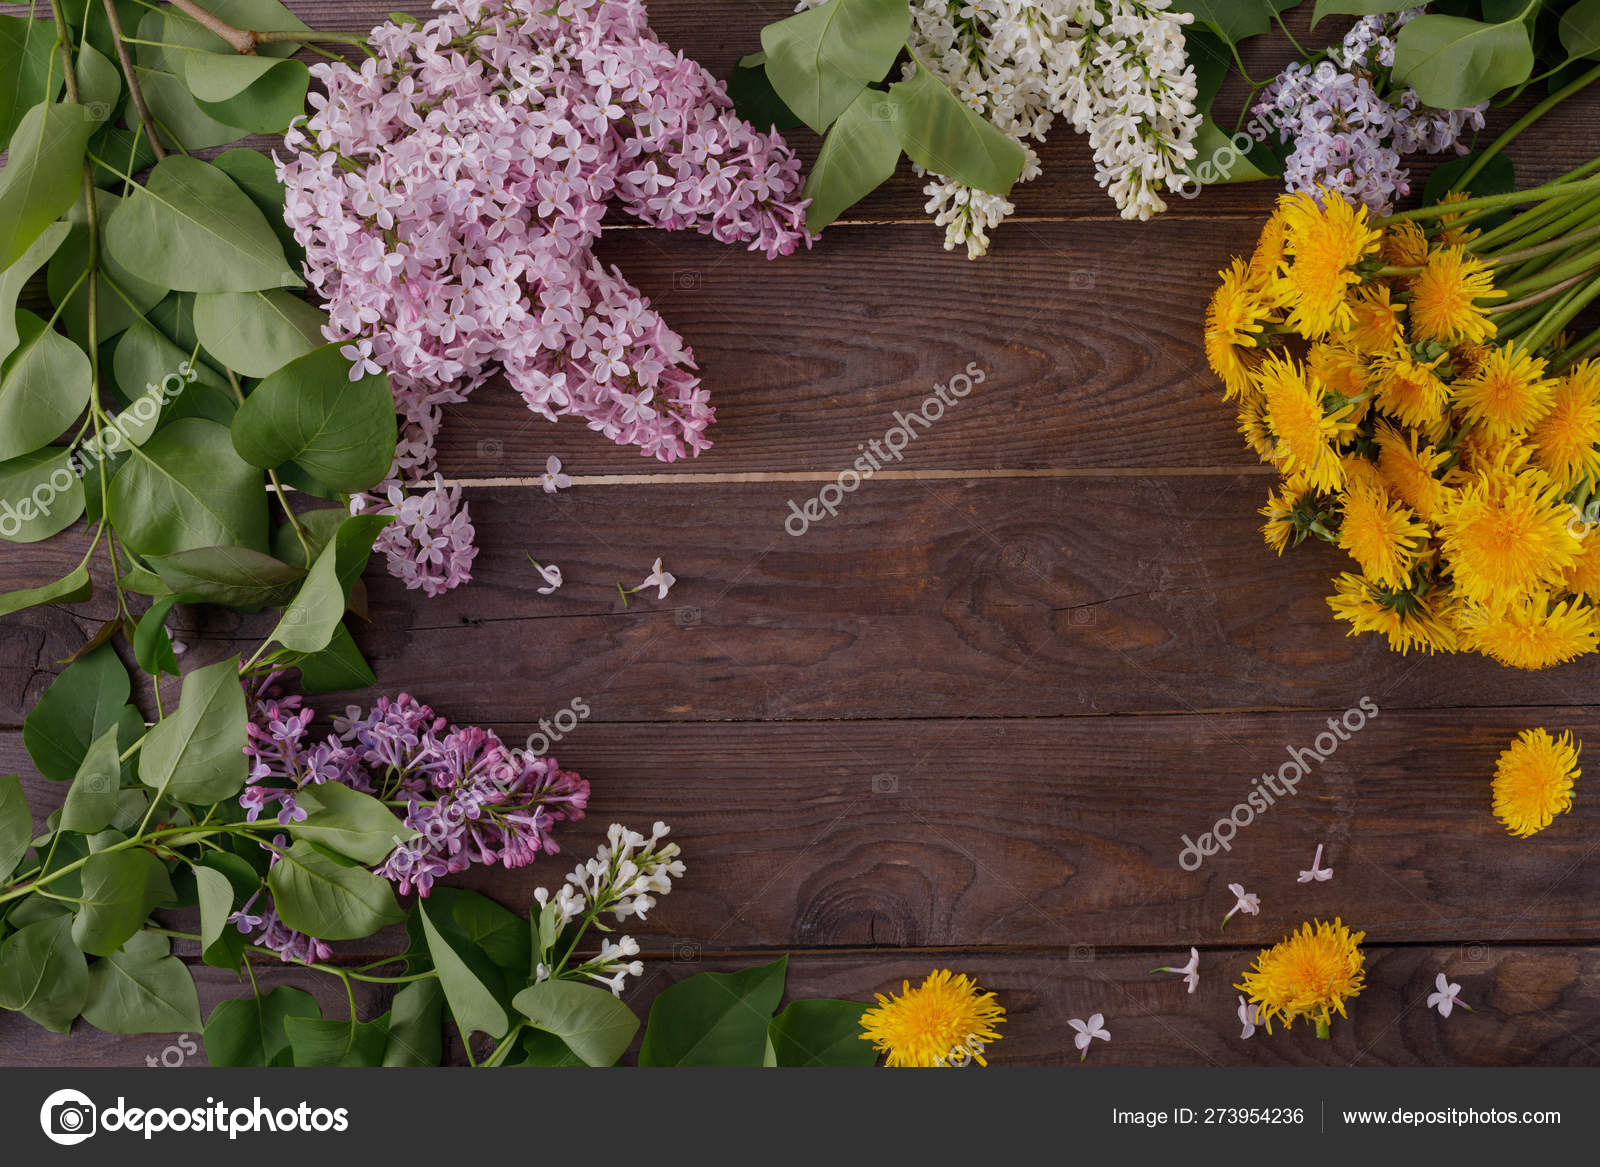 Dekor Von Blumen Auf Dem Hintergrund Von Vintage Holzplanken Stockfoto C Danilsneg 273954236